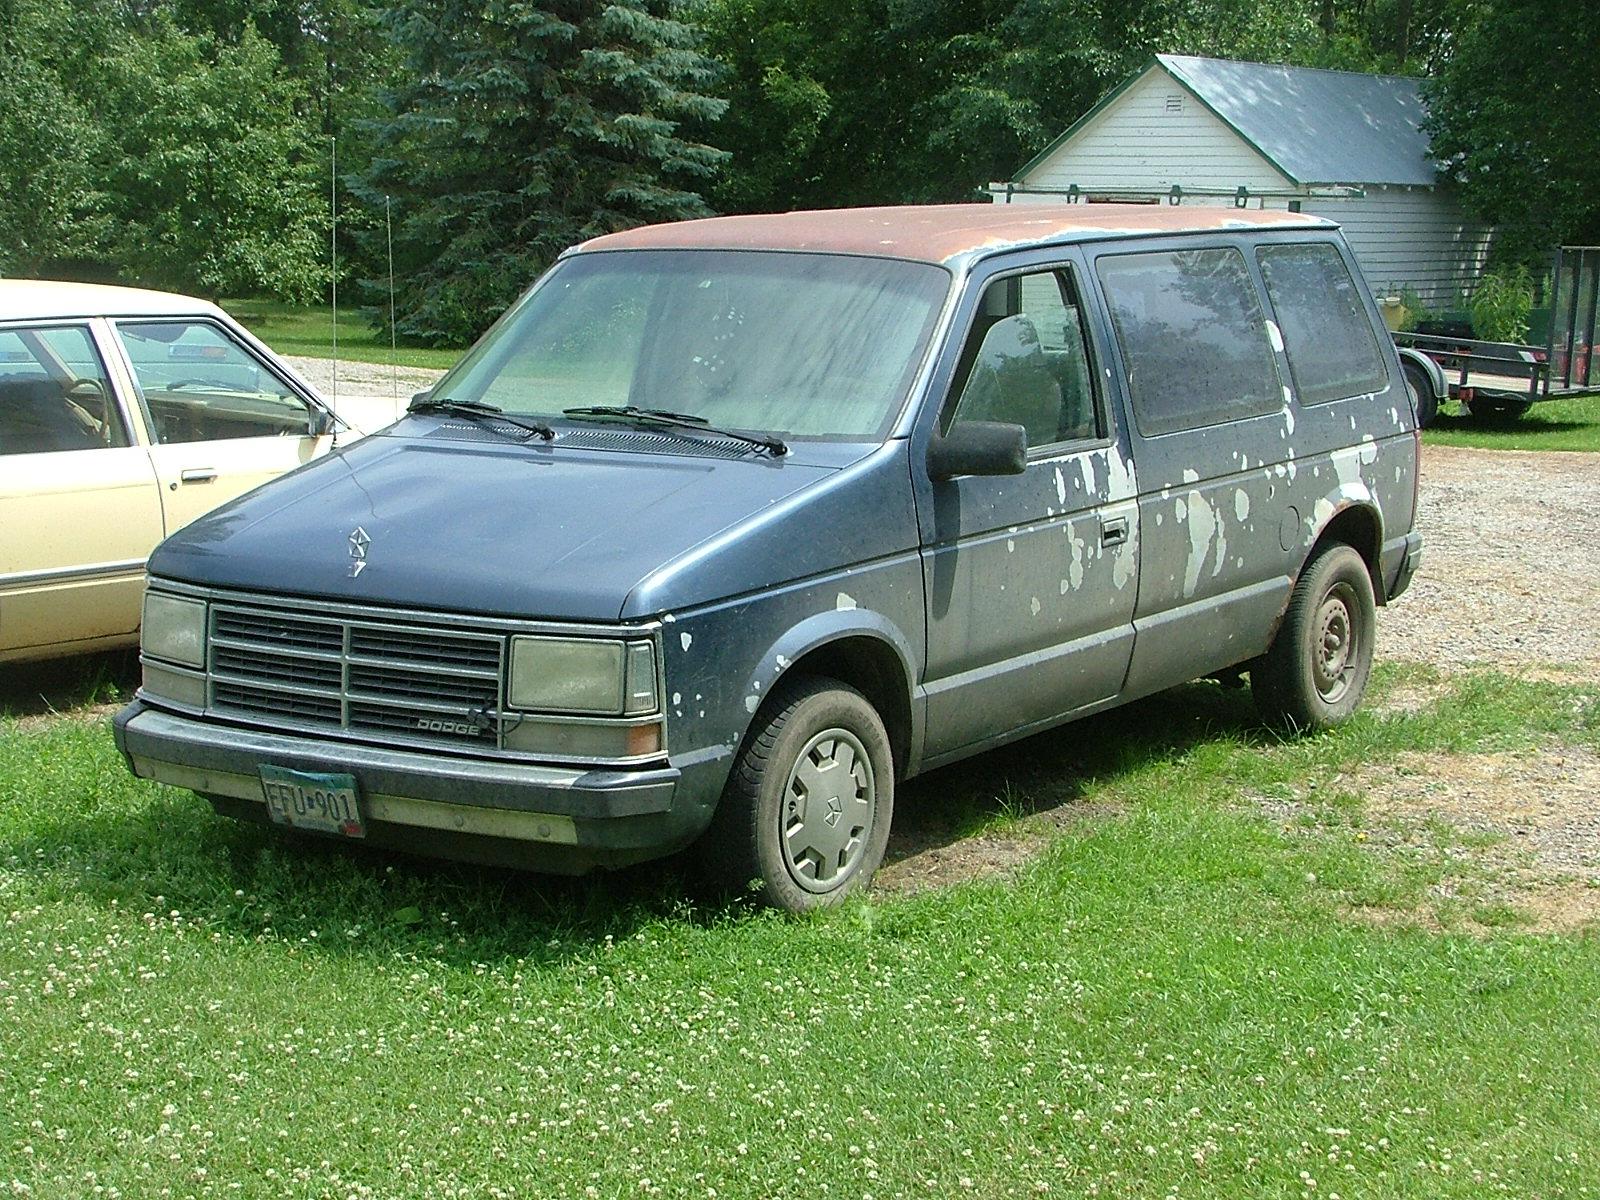 Picture of 1990 Dodge Caravan 3 Dr STD Passenger Van